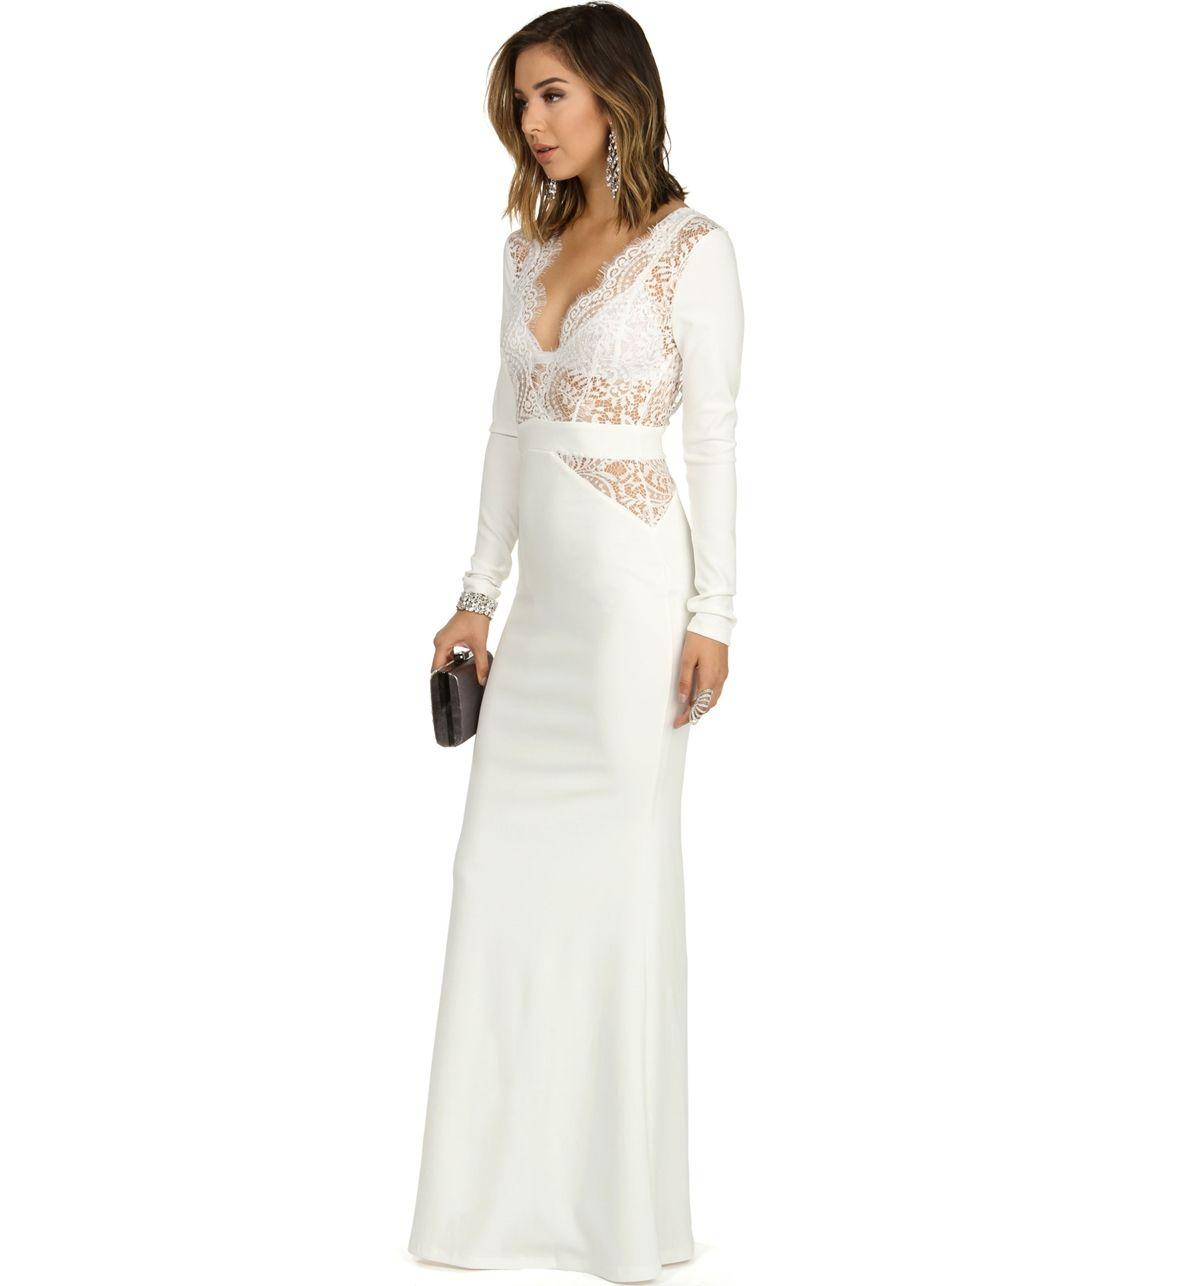 Tarawhite prom dress from windsor f o r m a l a f f a i r